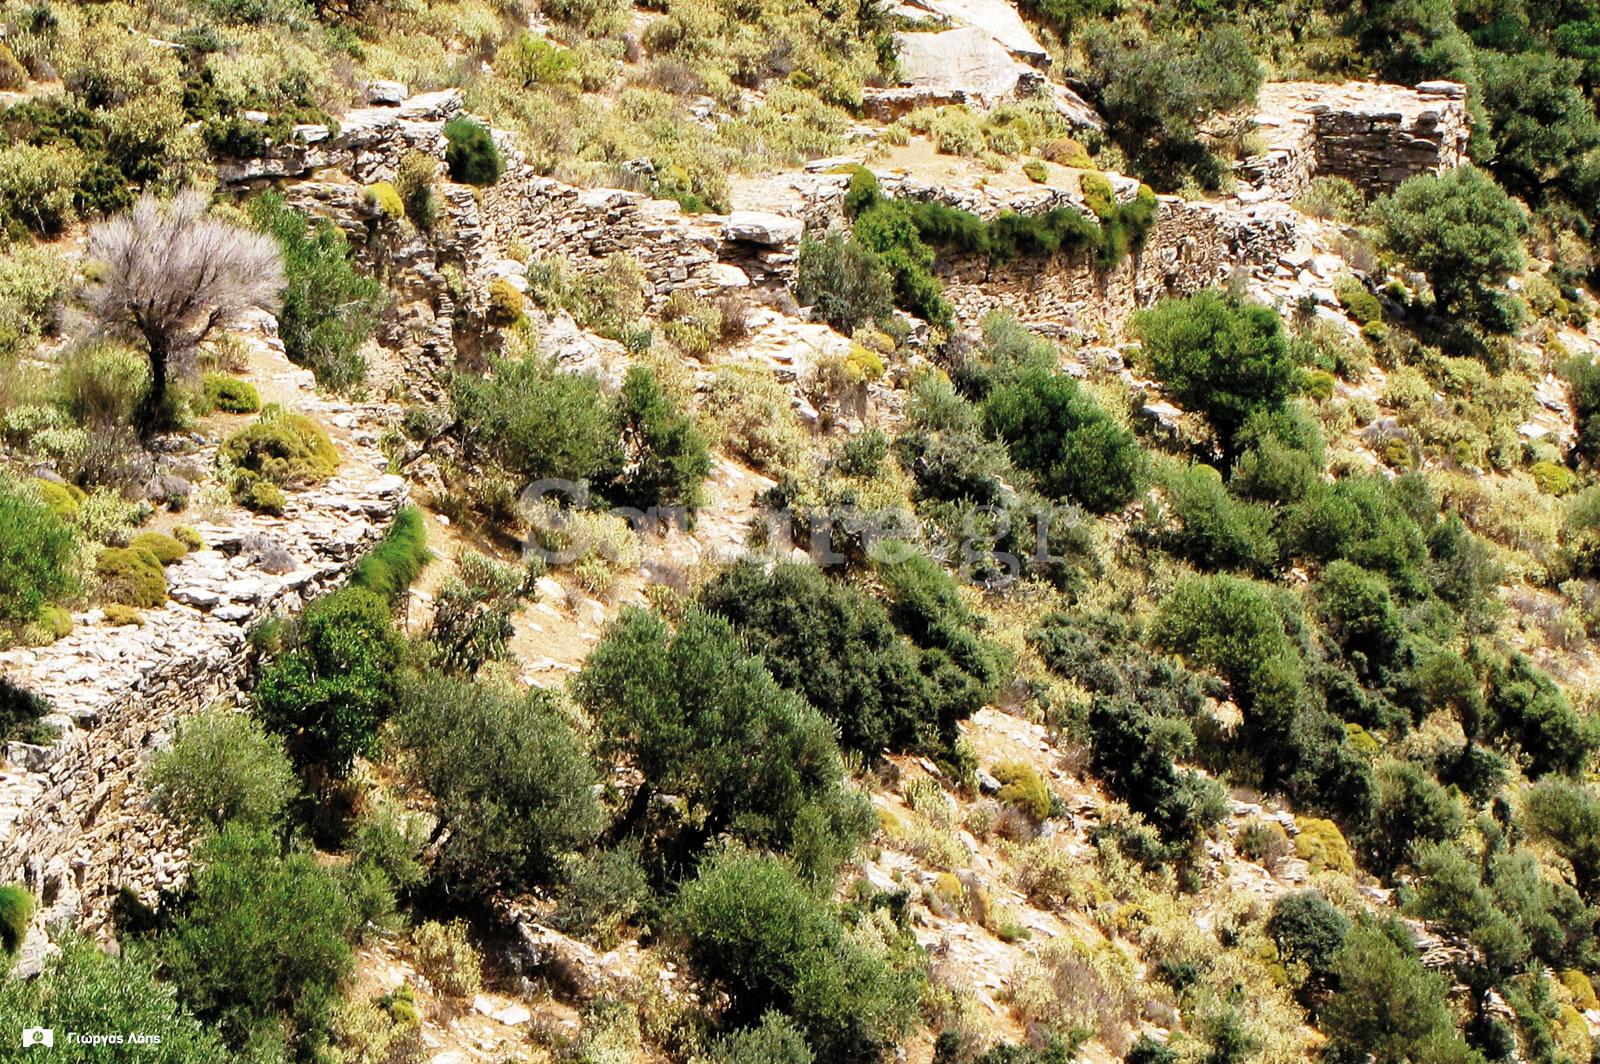 19-Τα-ανατολικά-τείχη-του-κάστρου-της-Φυλάγρας